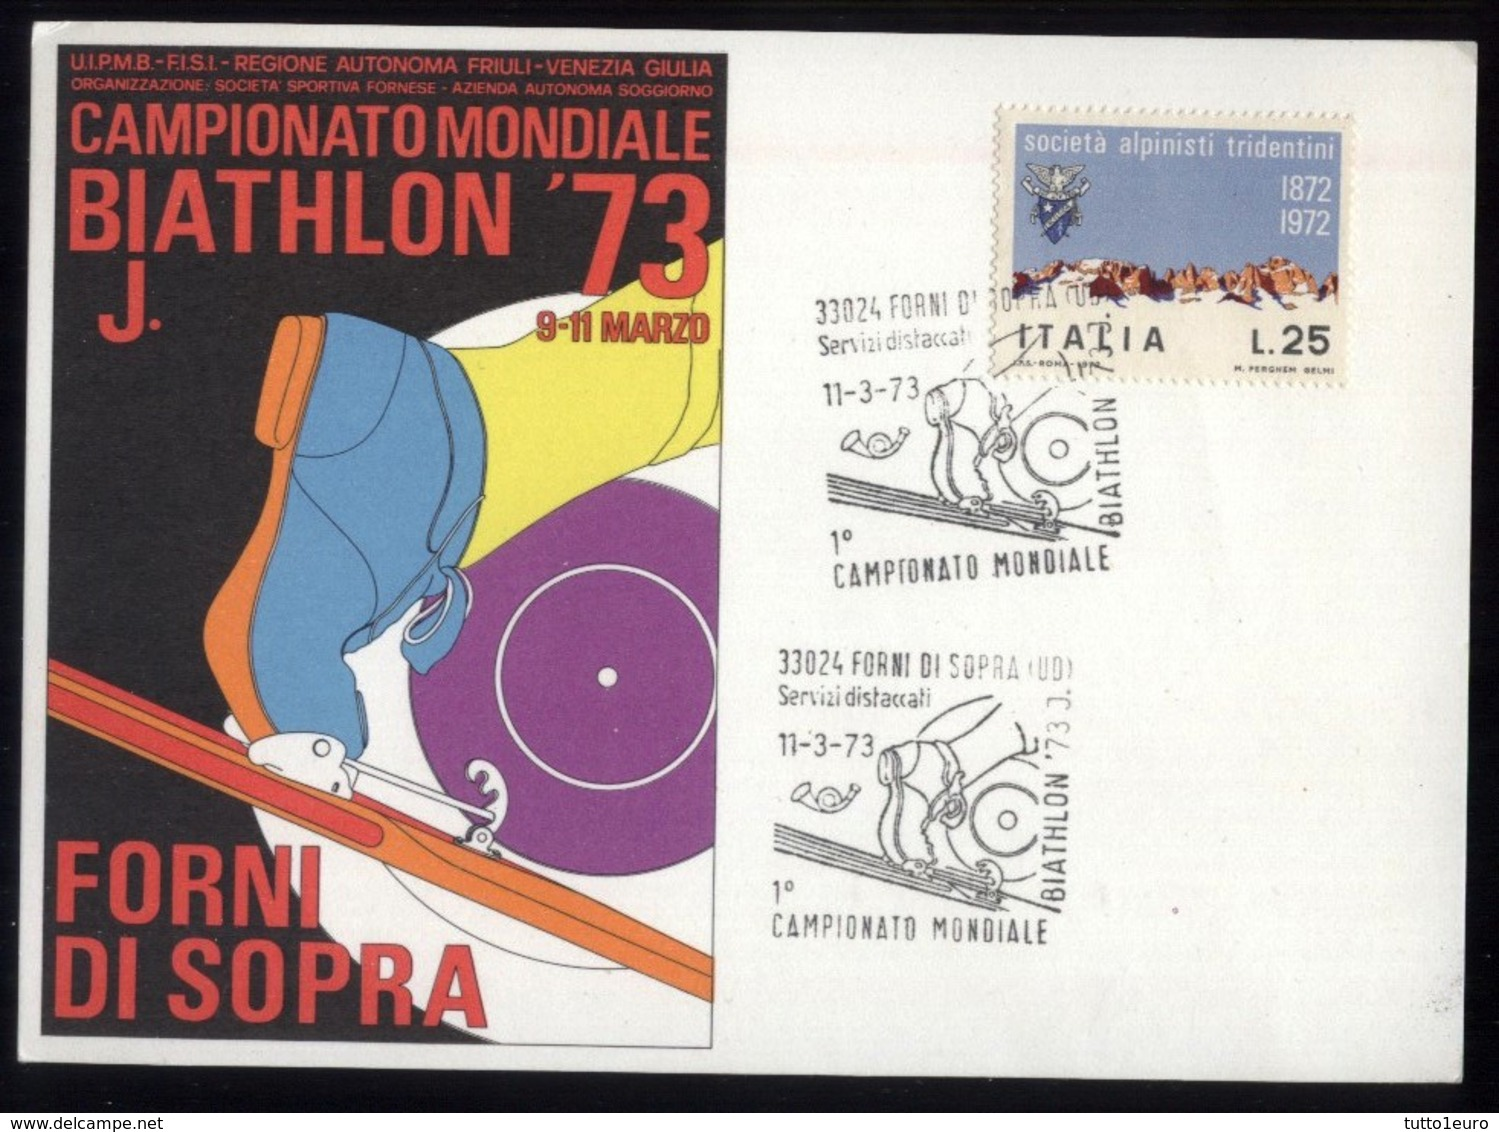 CARTOLINA COMMEMORATIVA DEL 1973 CAMPIONATO MONDIALE DI BIATHLON A FORNI DI SOPRA - Alpinismo